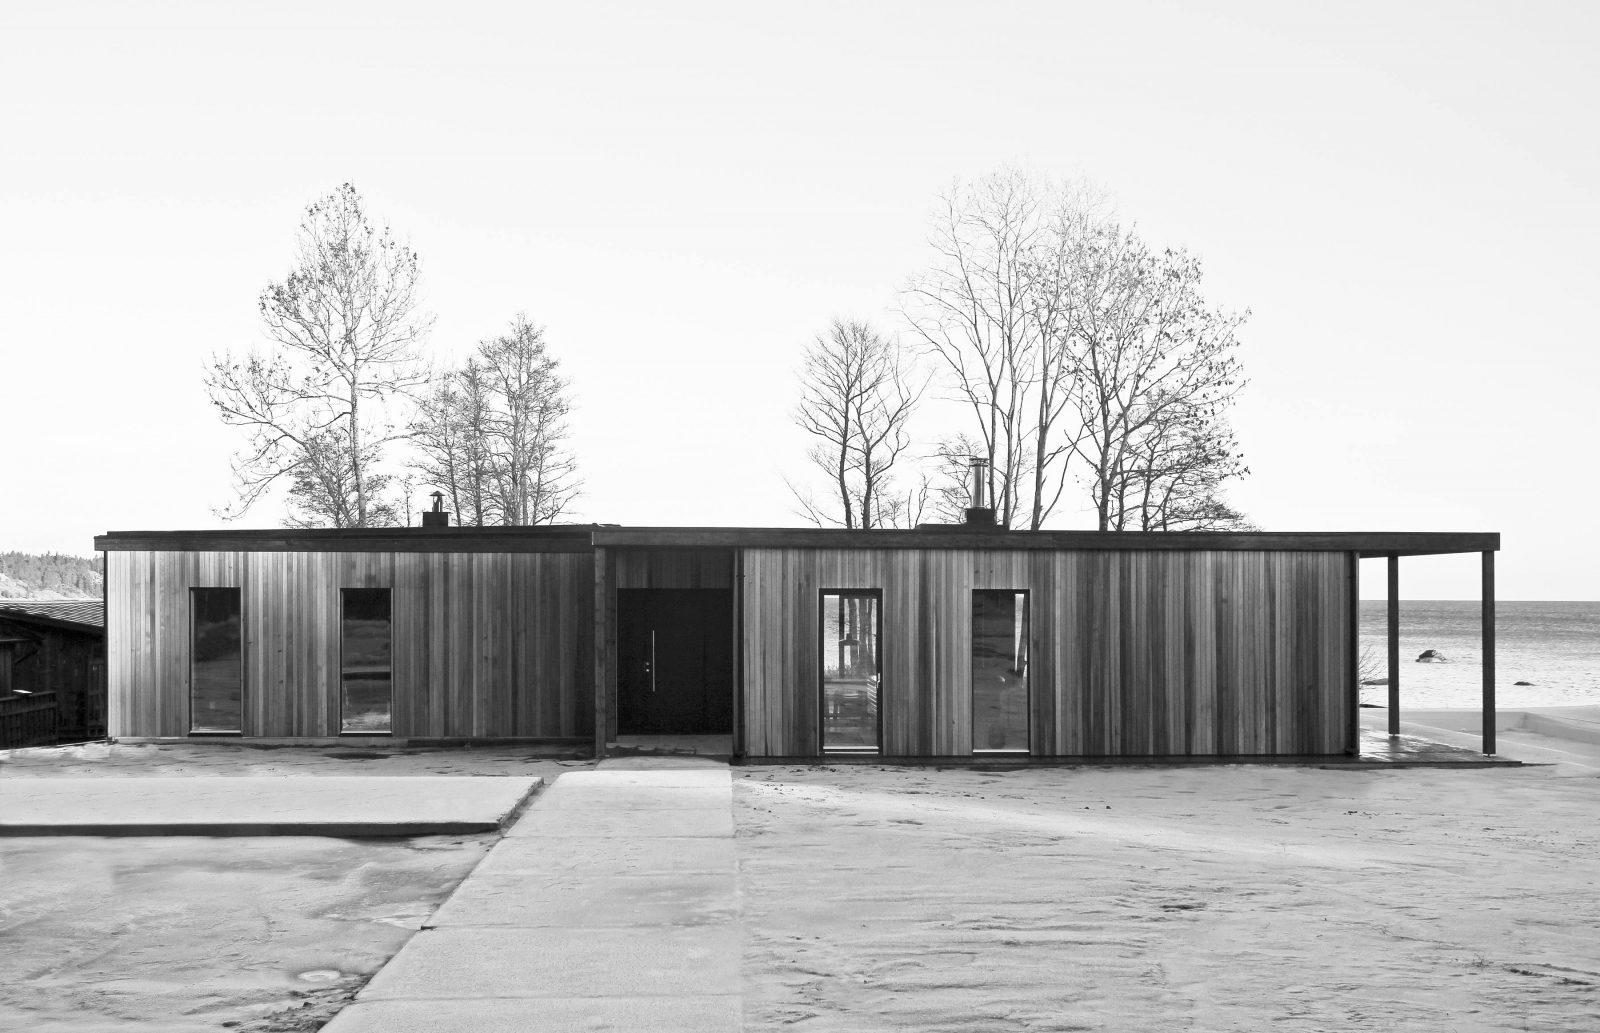 KjellanderSjoberg VillaVisuri fasad1 3600x2324px